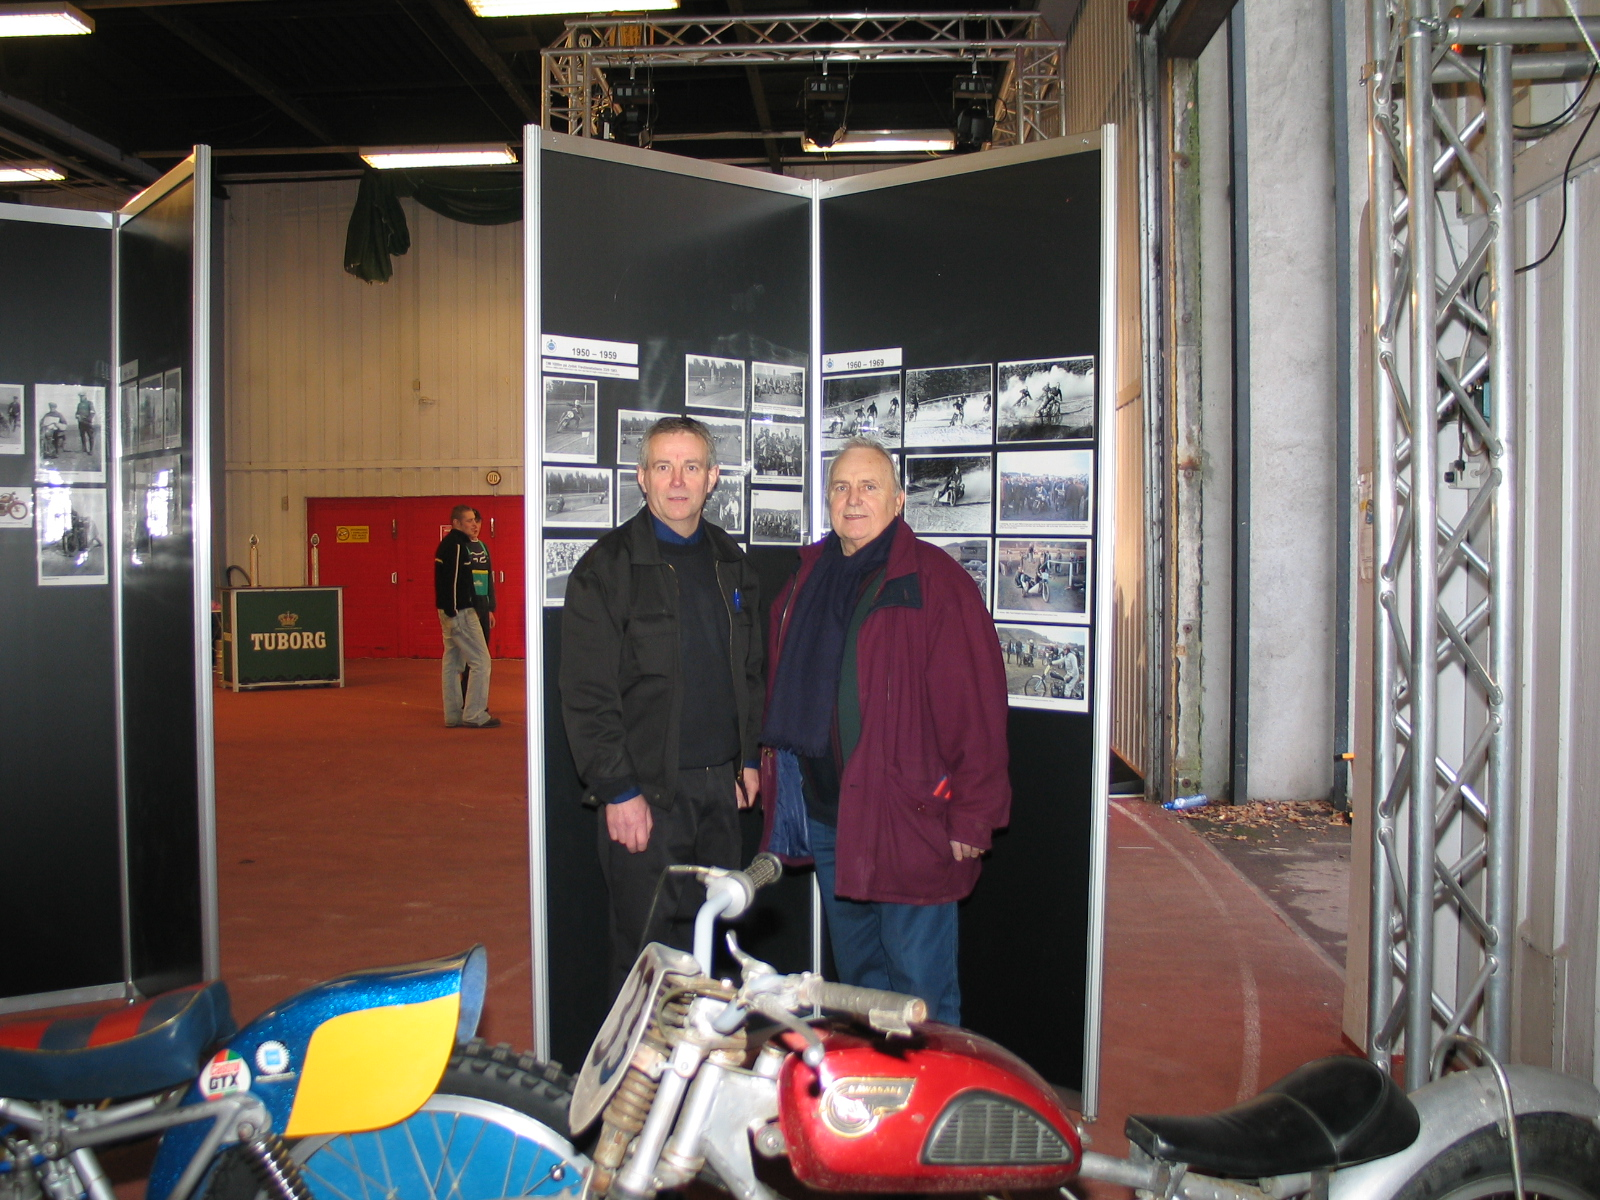 Williams og Finn Pauli Thomsen foran en af fotoplanchevæggene.